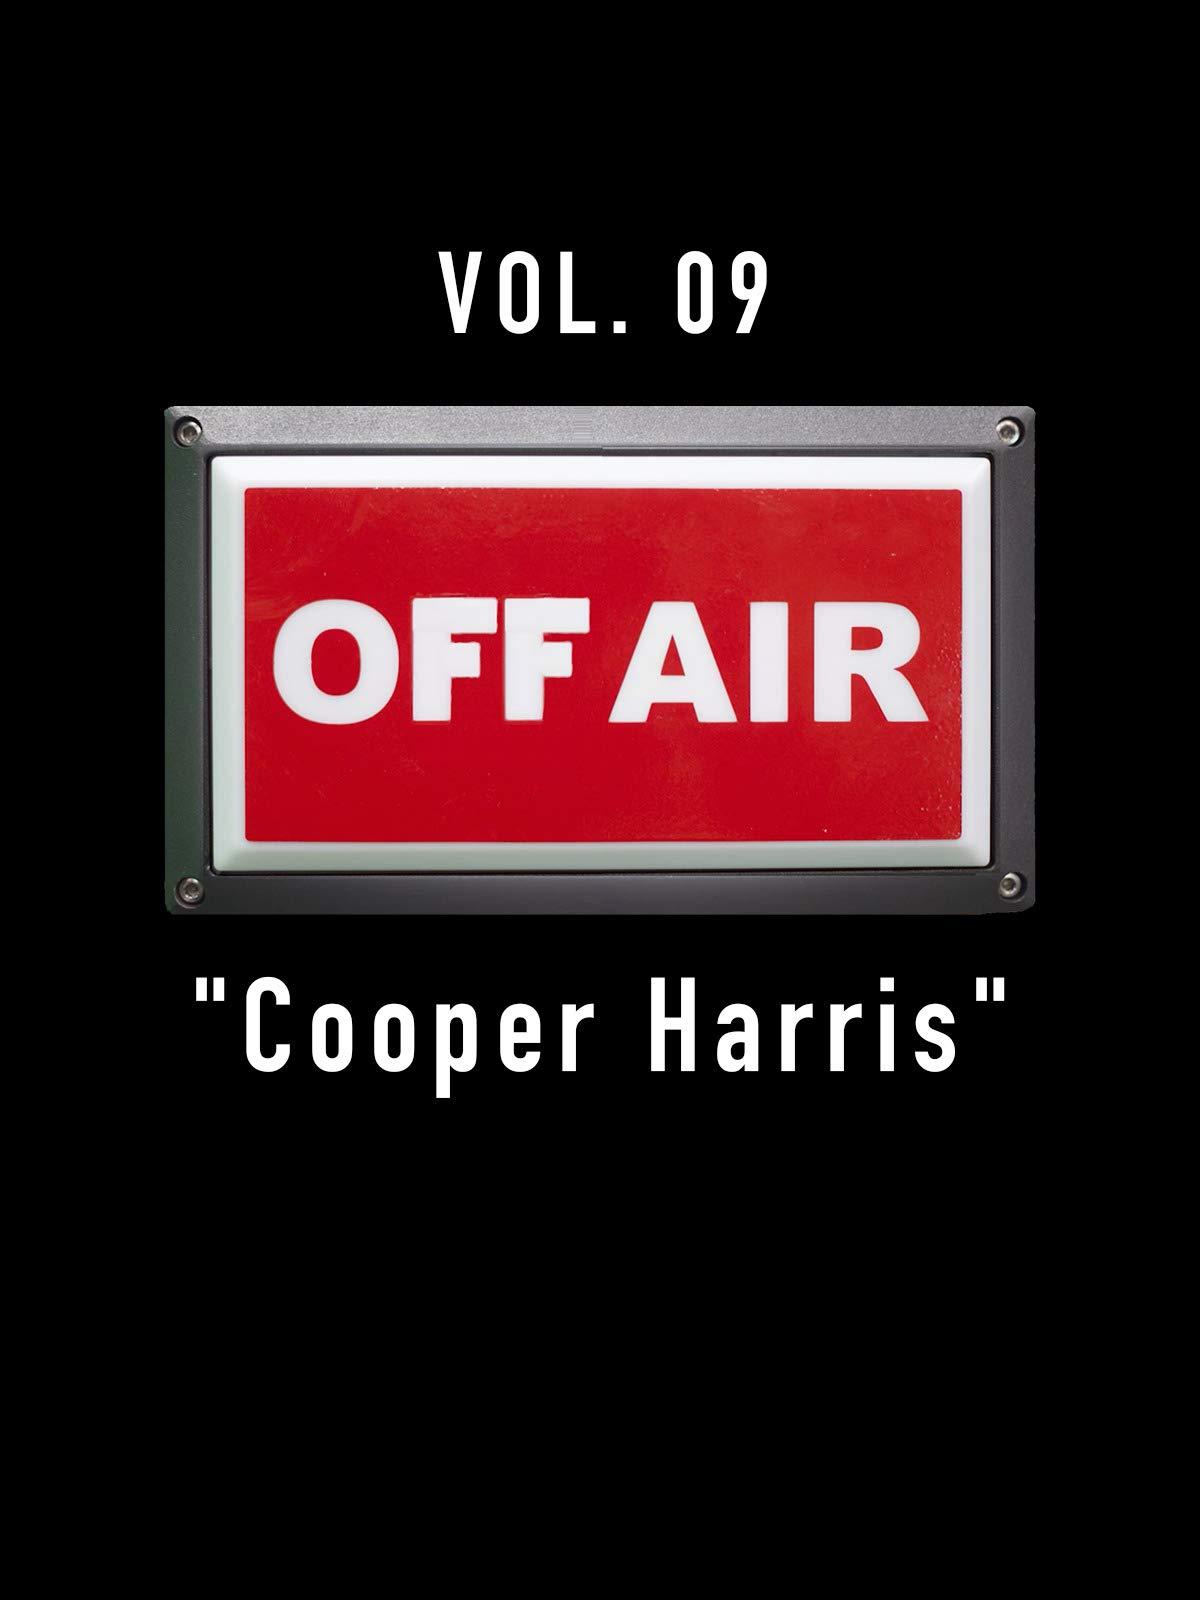 Off-Air Vol. 09